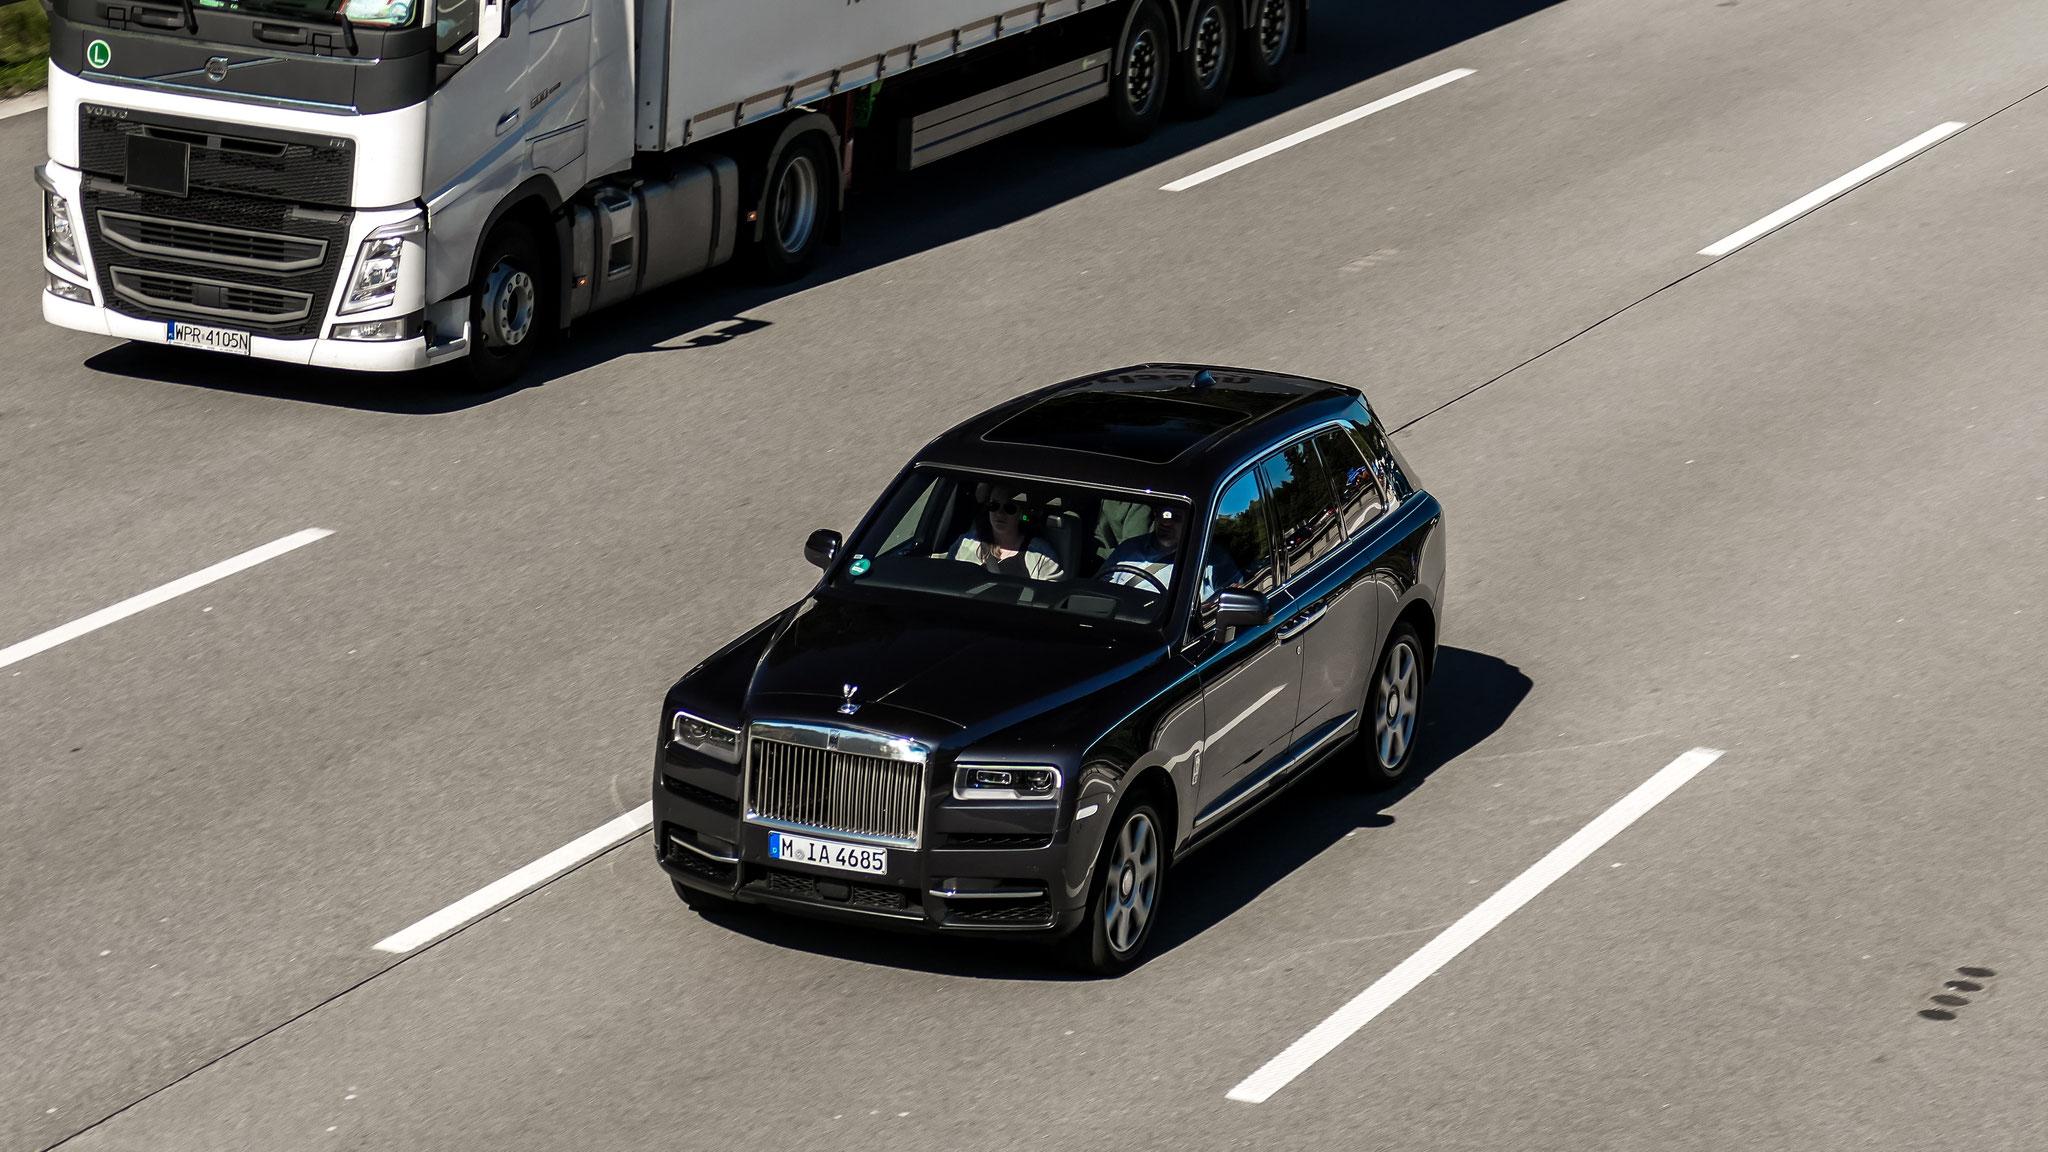 Rolls Royce Cullinan - M-IA-4685